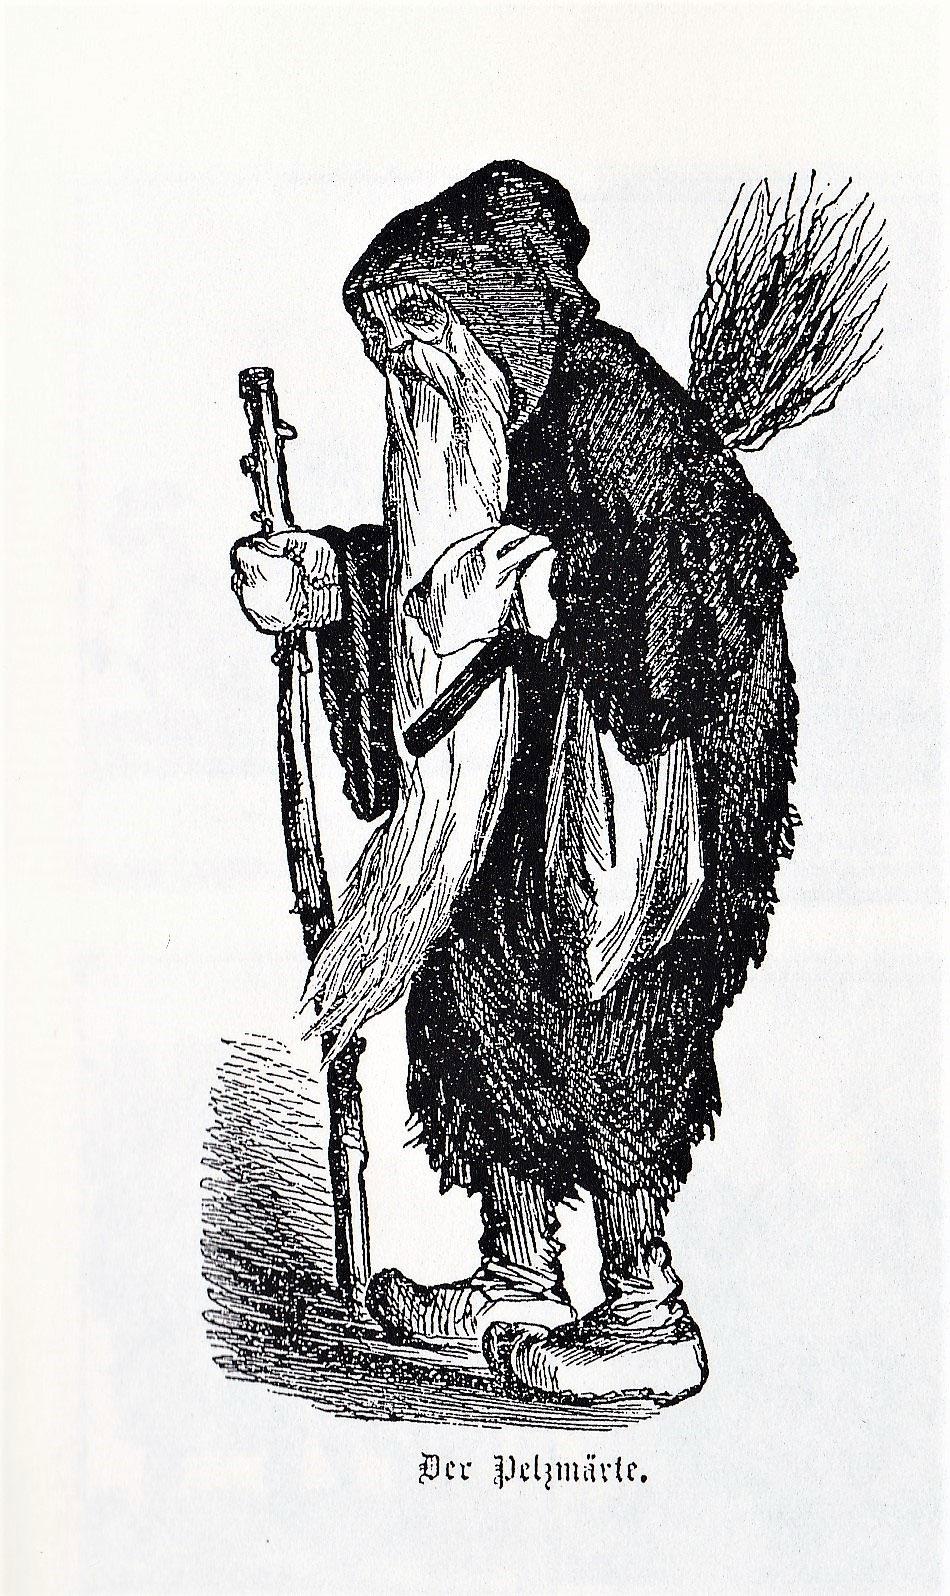 Der Pelzmarte 1863